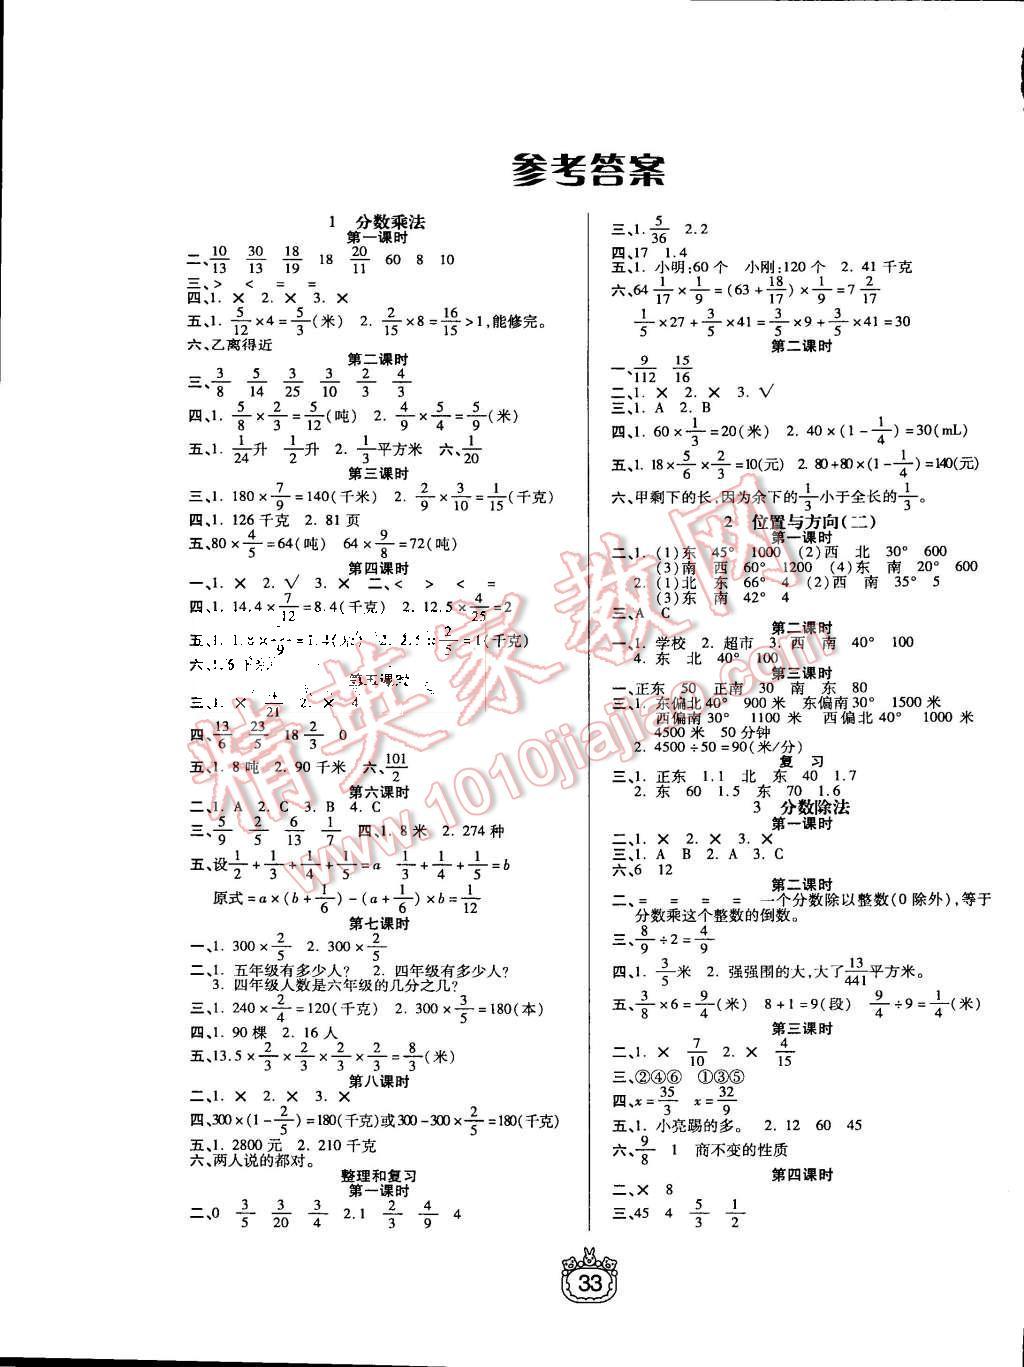 2015年世纪百通课时作业六年级数学上册人教版答案